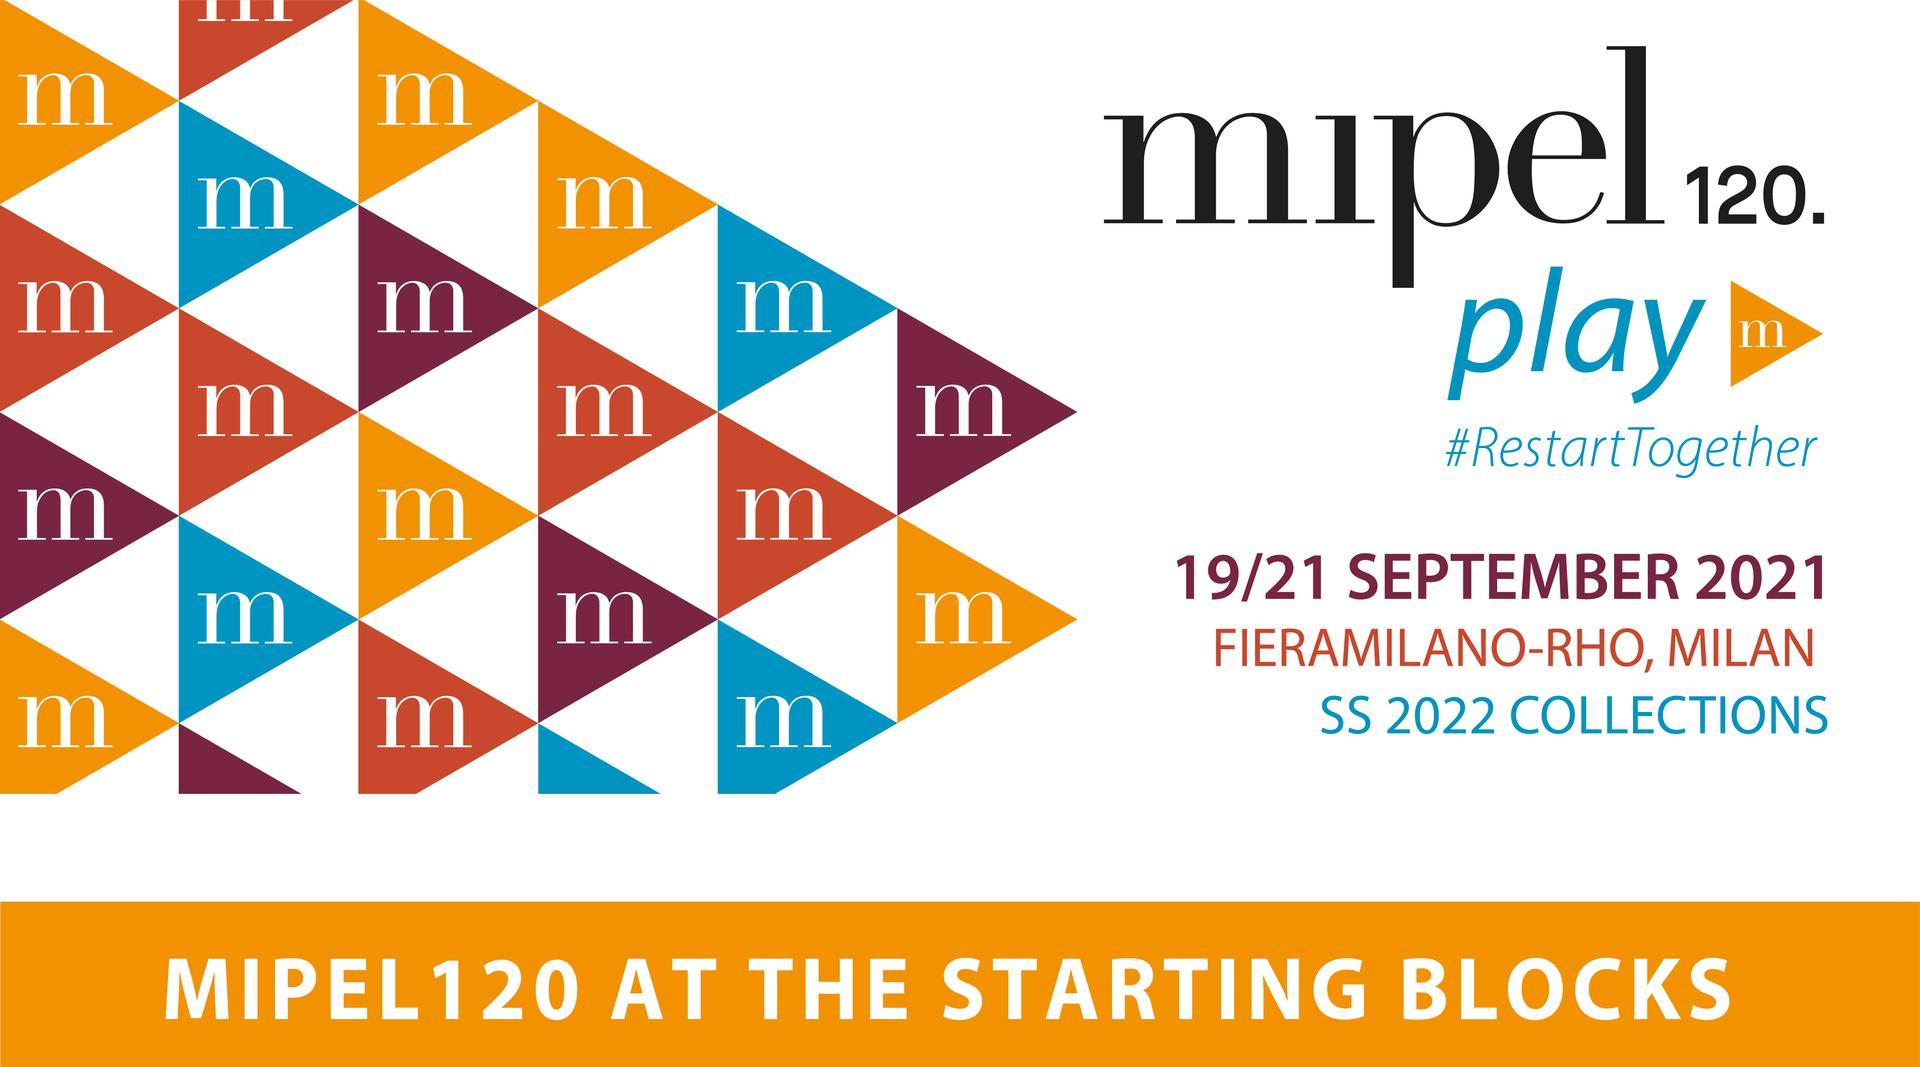 MIPEL120 AT THE STARTING BLOCKS: 19/21 SEPTEMBER 2021, HALL 1, FIERAMILANO-RHO